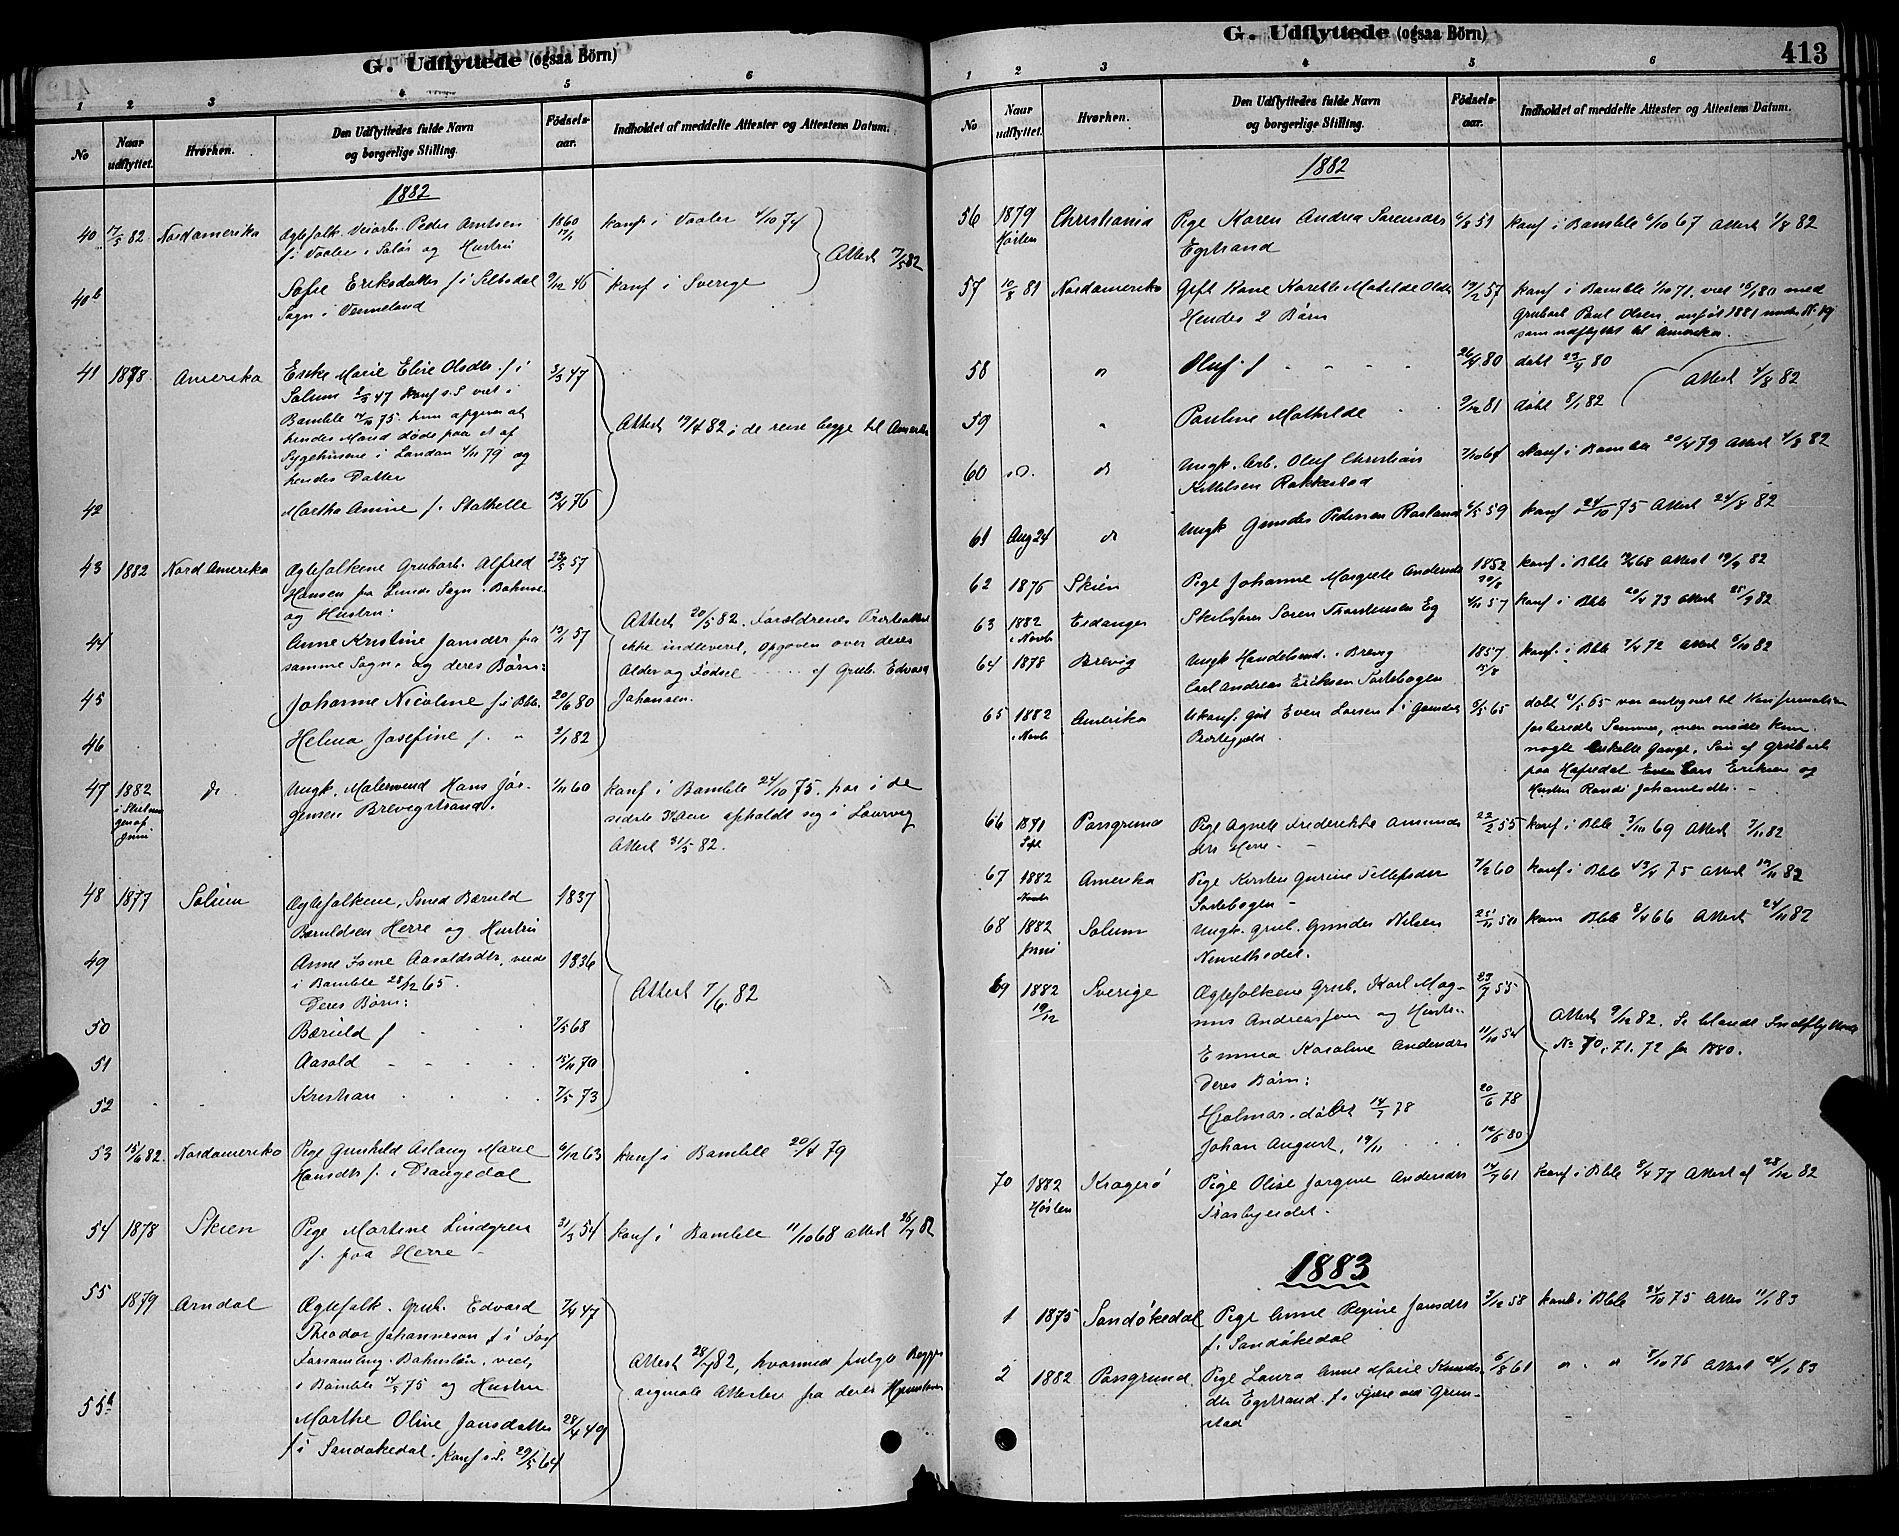 SAKO, Bamble kirkebøker, G/Ga/L0008: Klokkerbok nr. I 8, 1878-1888, s. 413